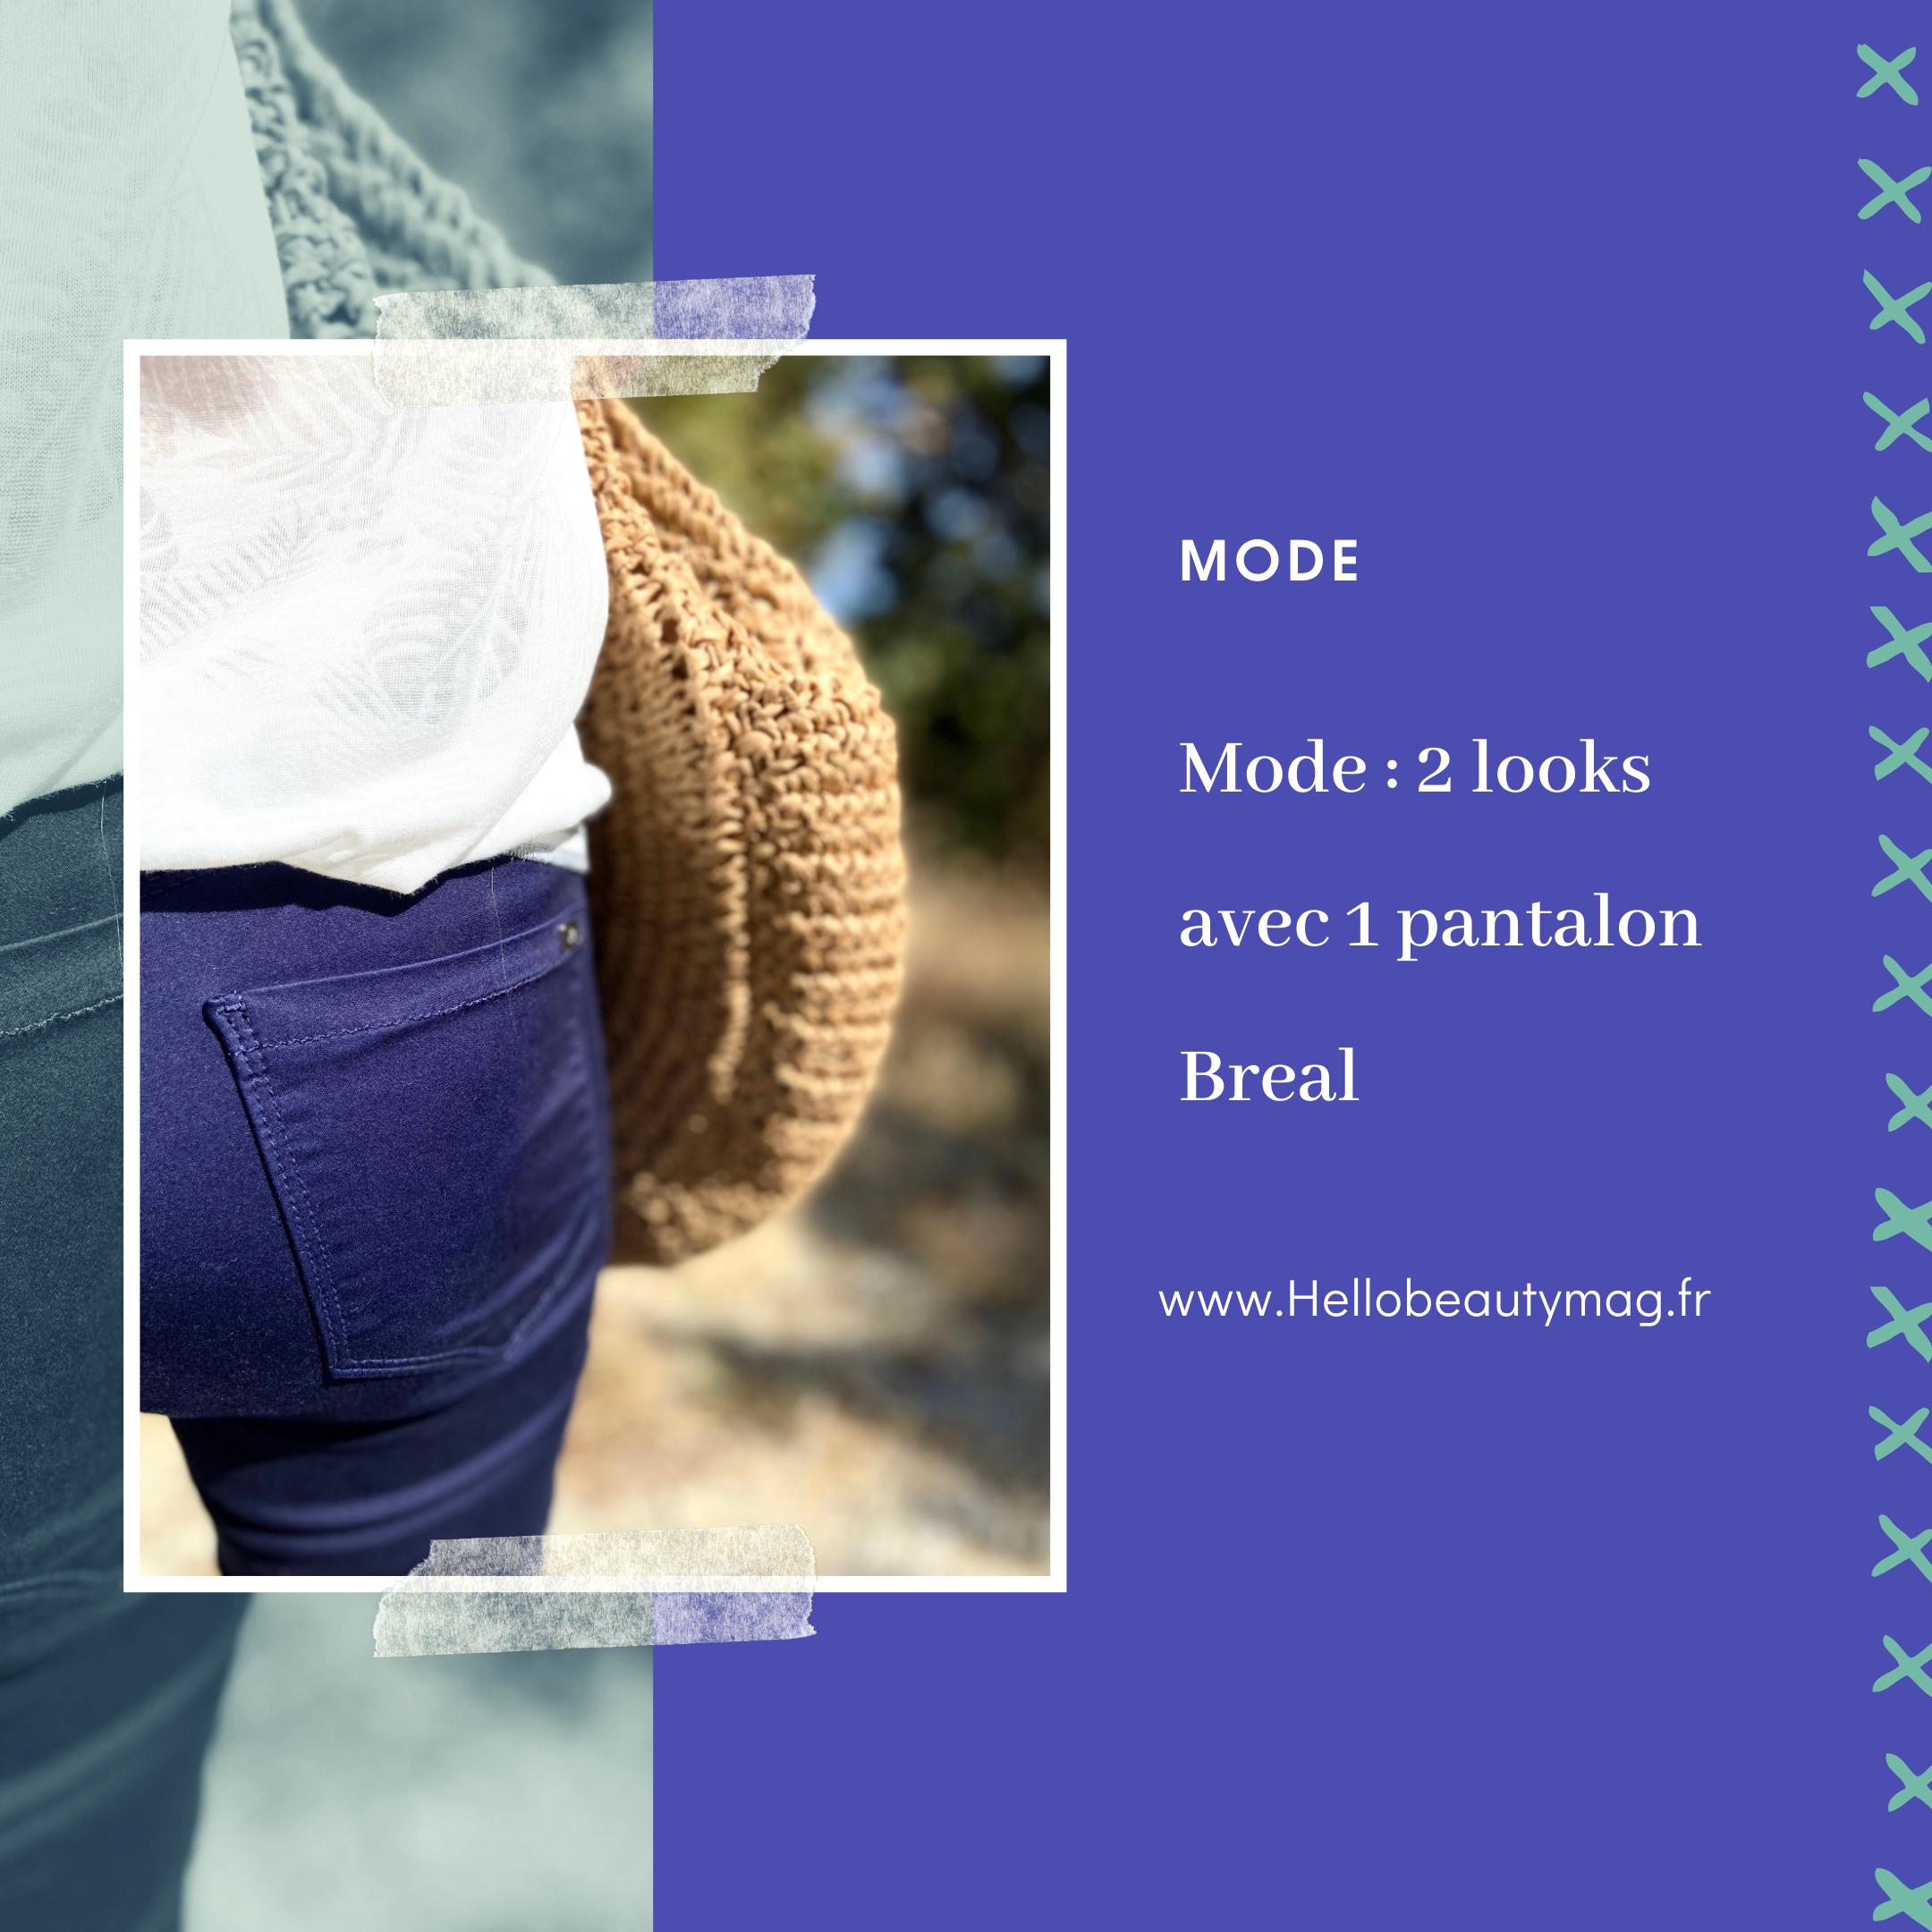 Mode : 2 looks avec 1 pantalon Breal